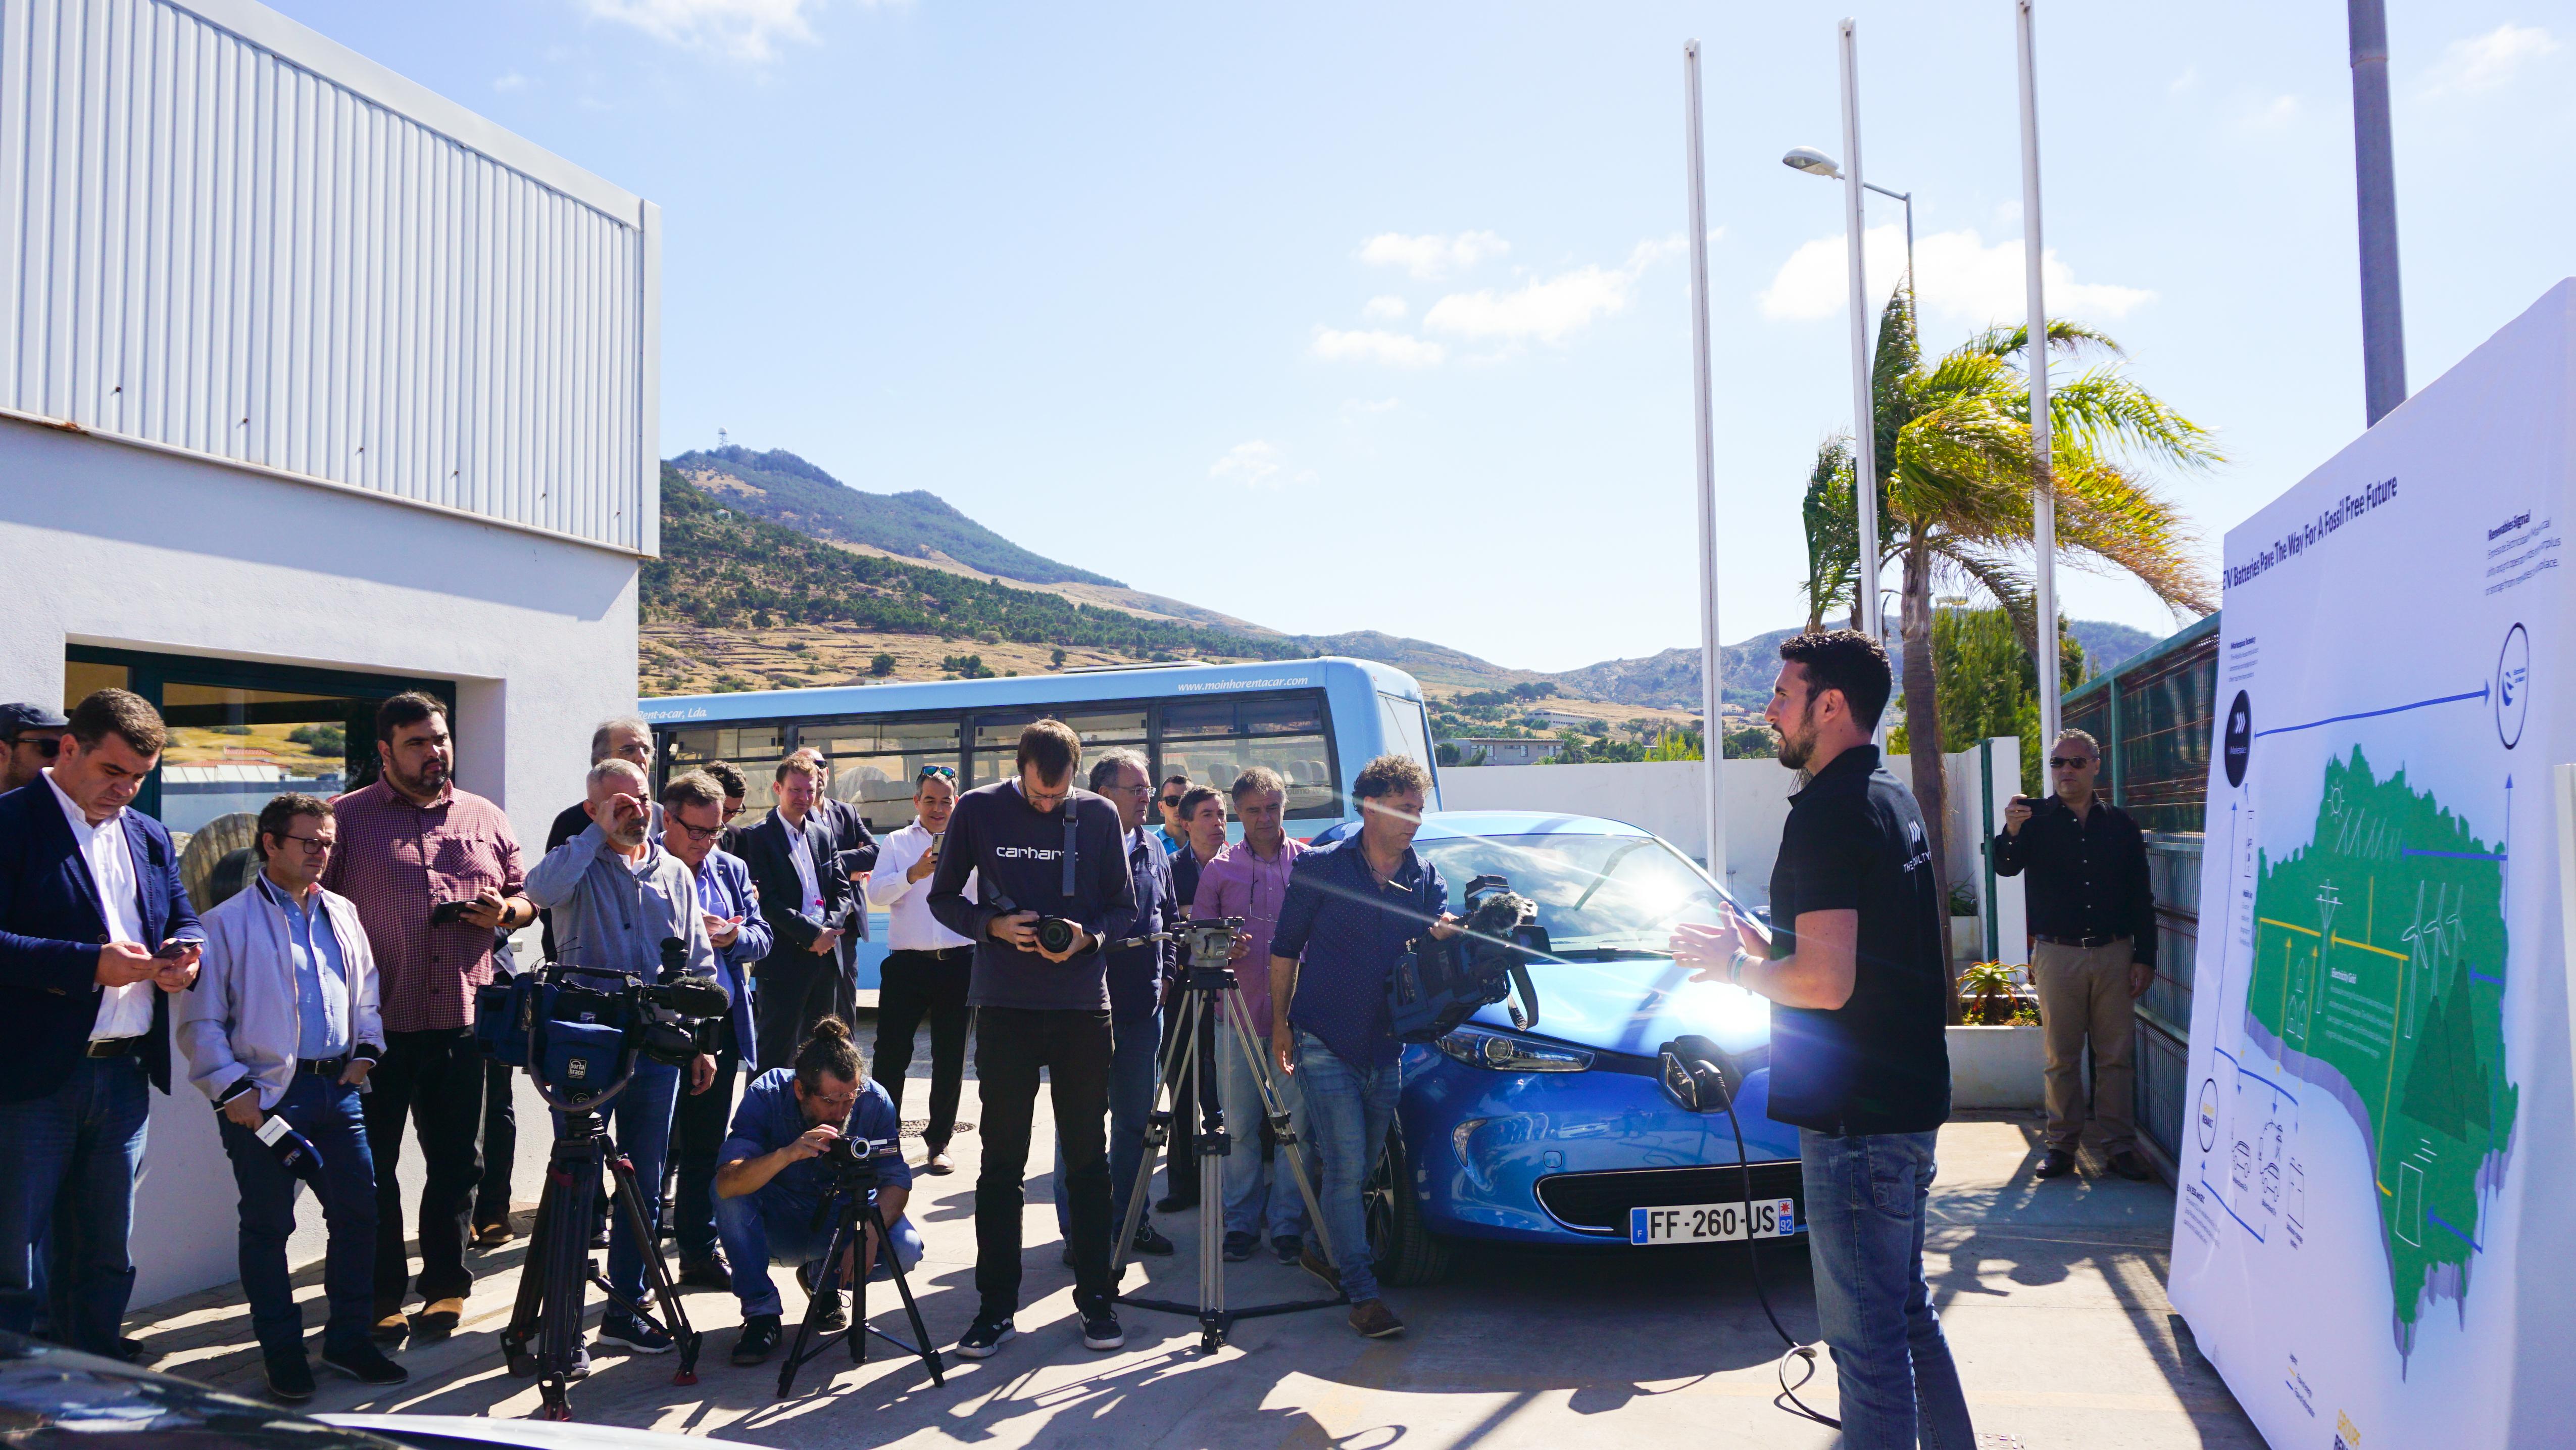 André Duarte gibt eine Presserklärung über das V2G Projekt auf Porto Santo ab